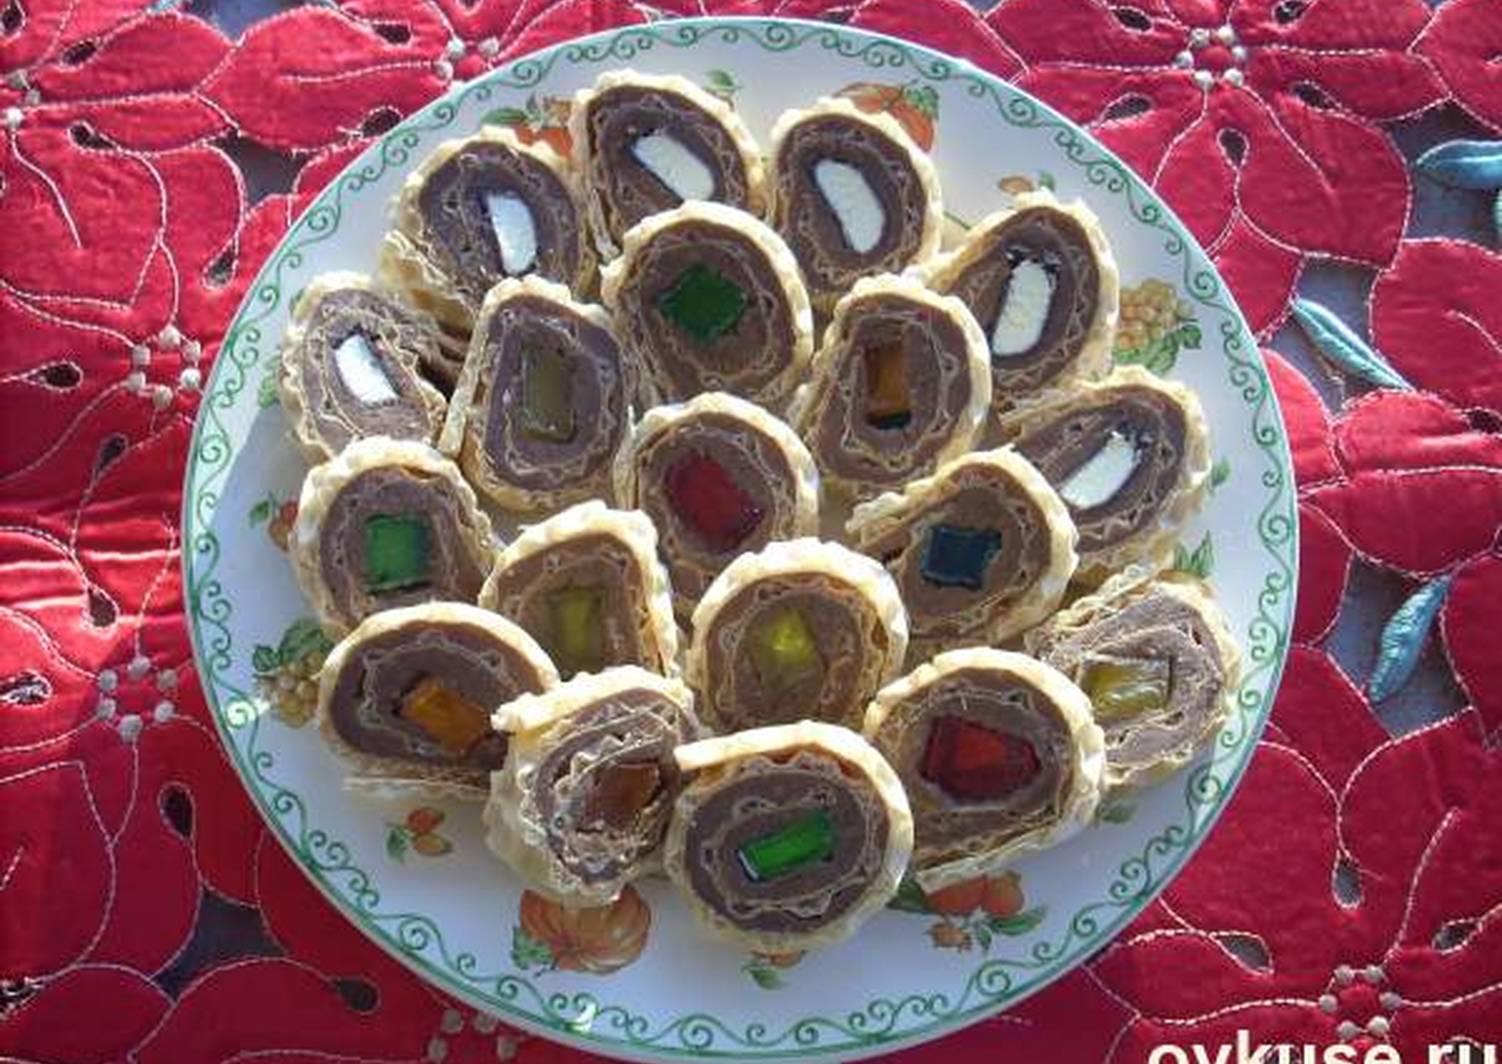 киргизки тоже вафельные рулетики рецепт с фото этом важно помнить